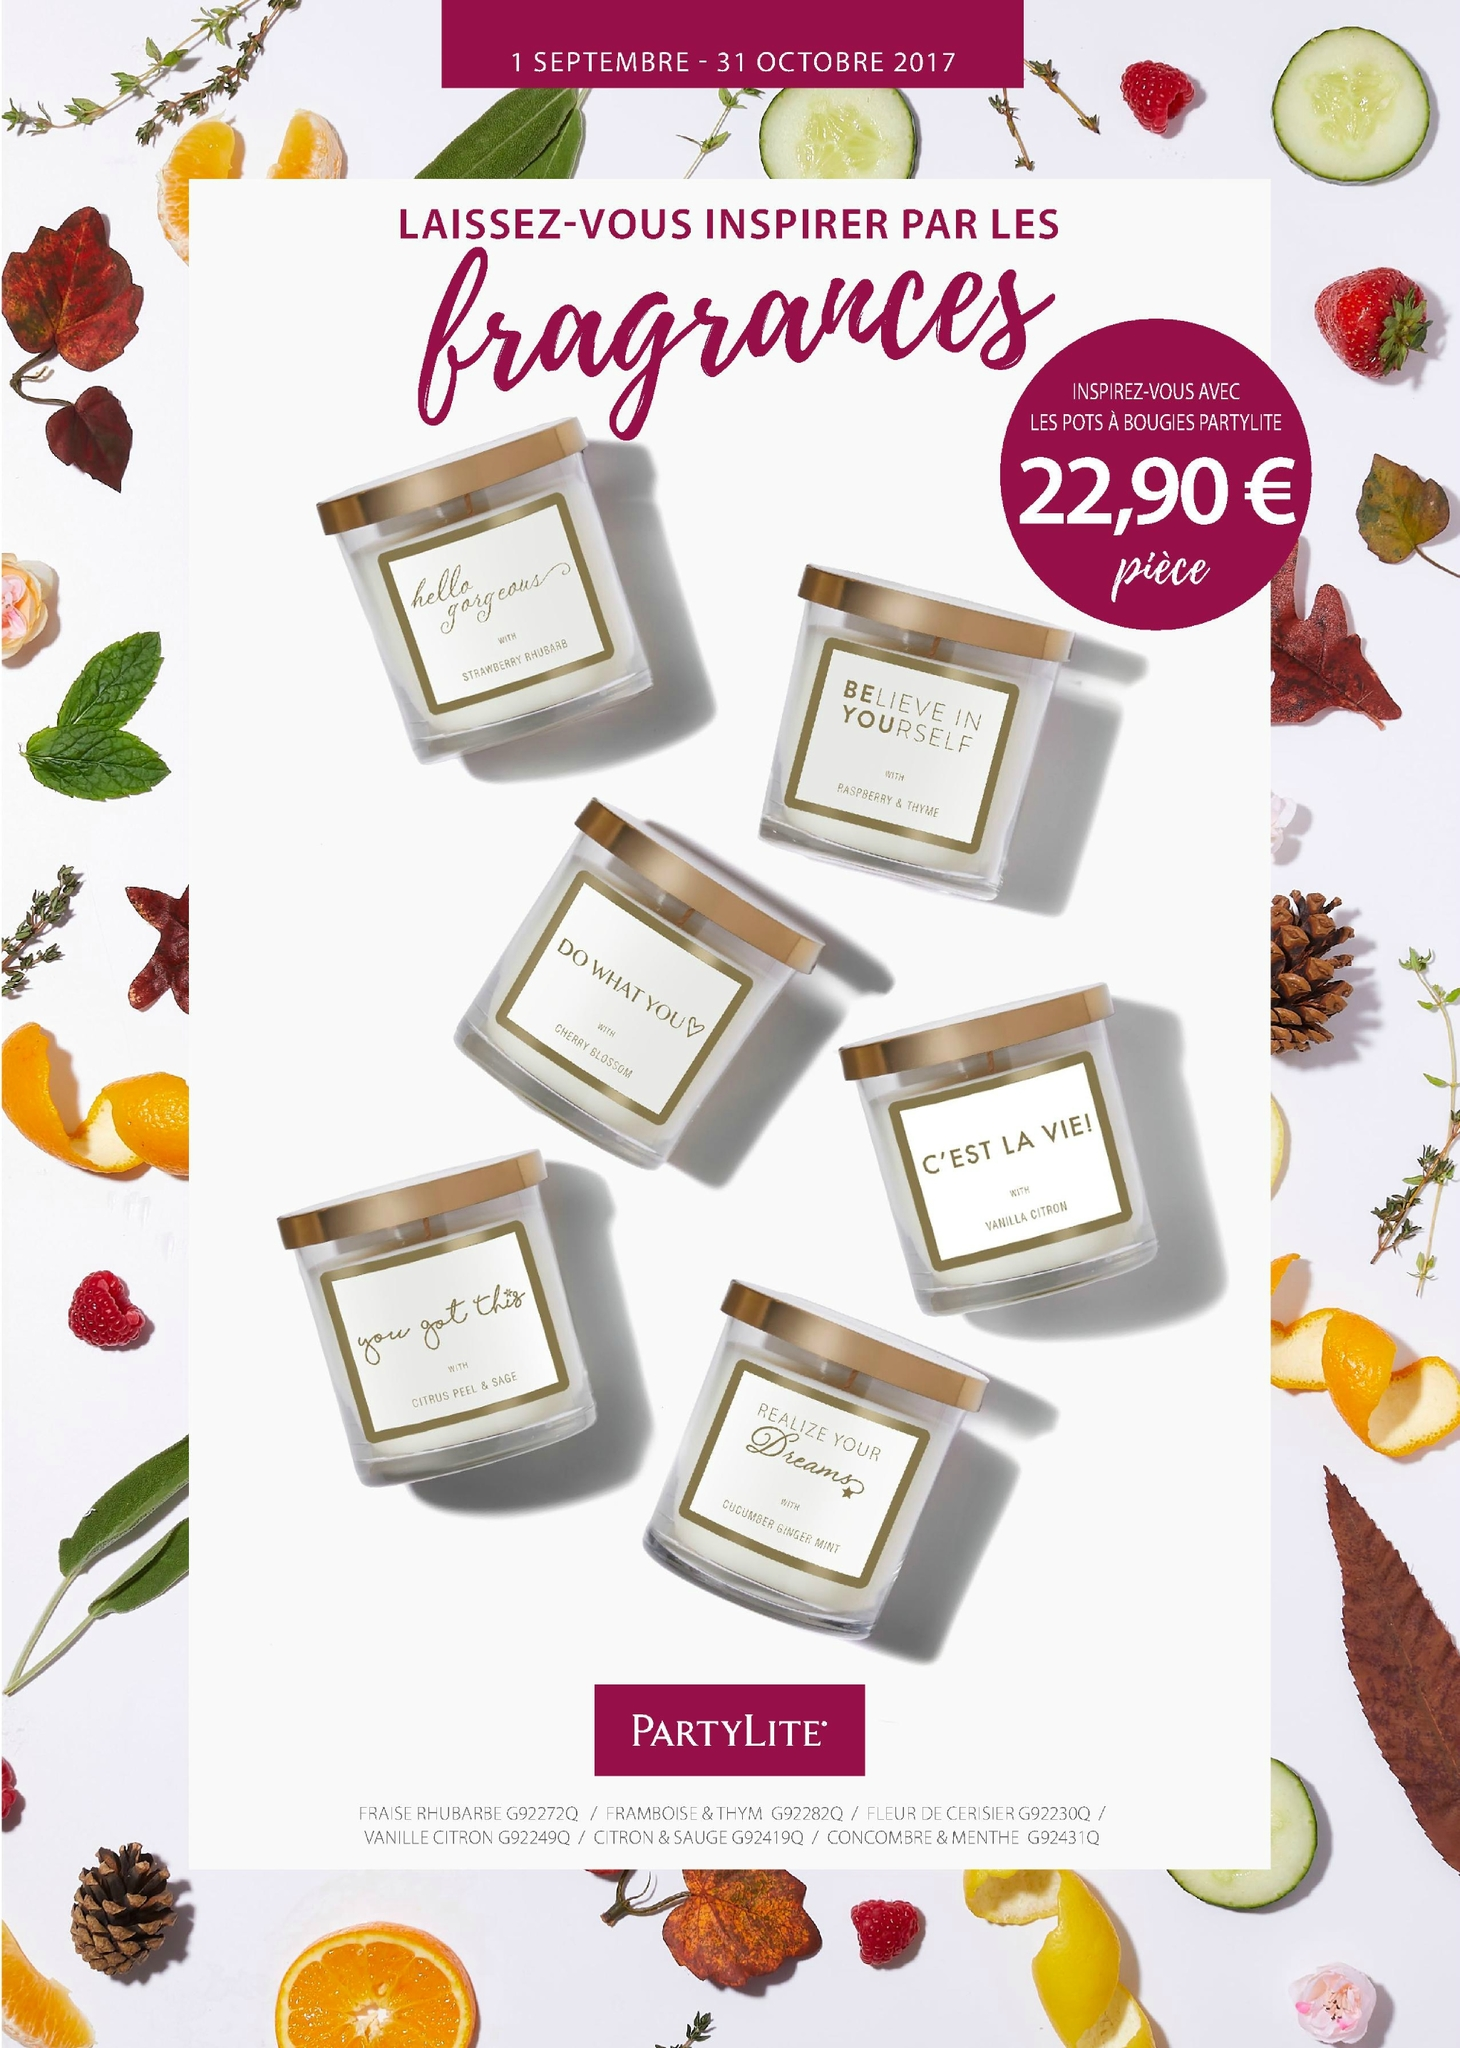 Fragrances Inoubliable Du 01 Septembre au 31 Octobre 2017